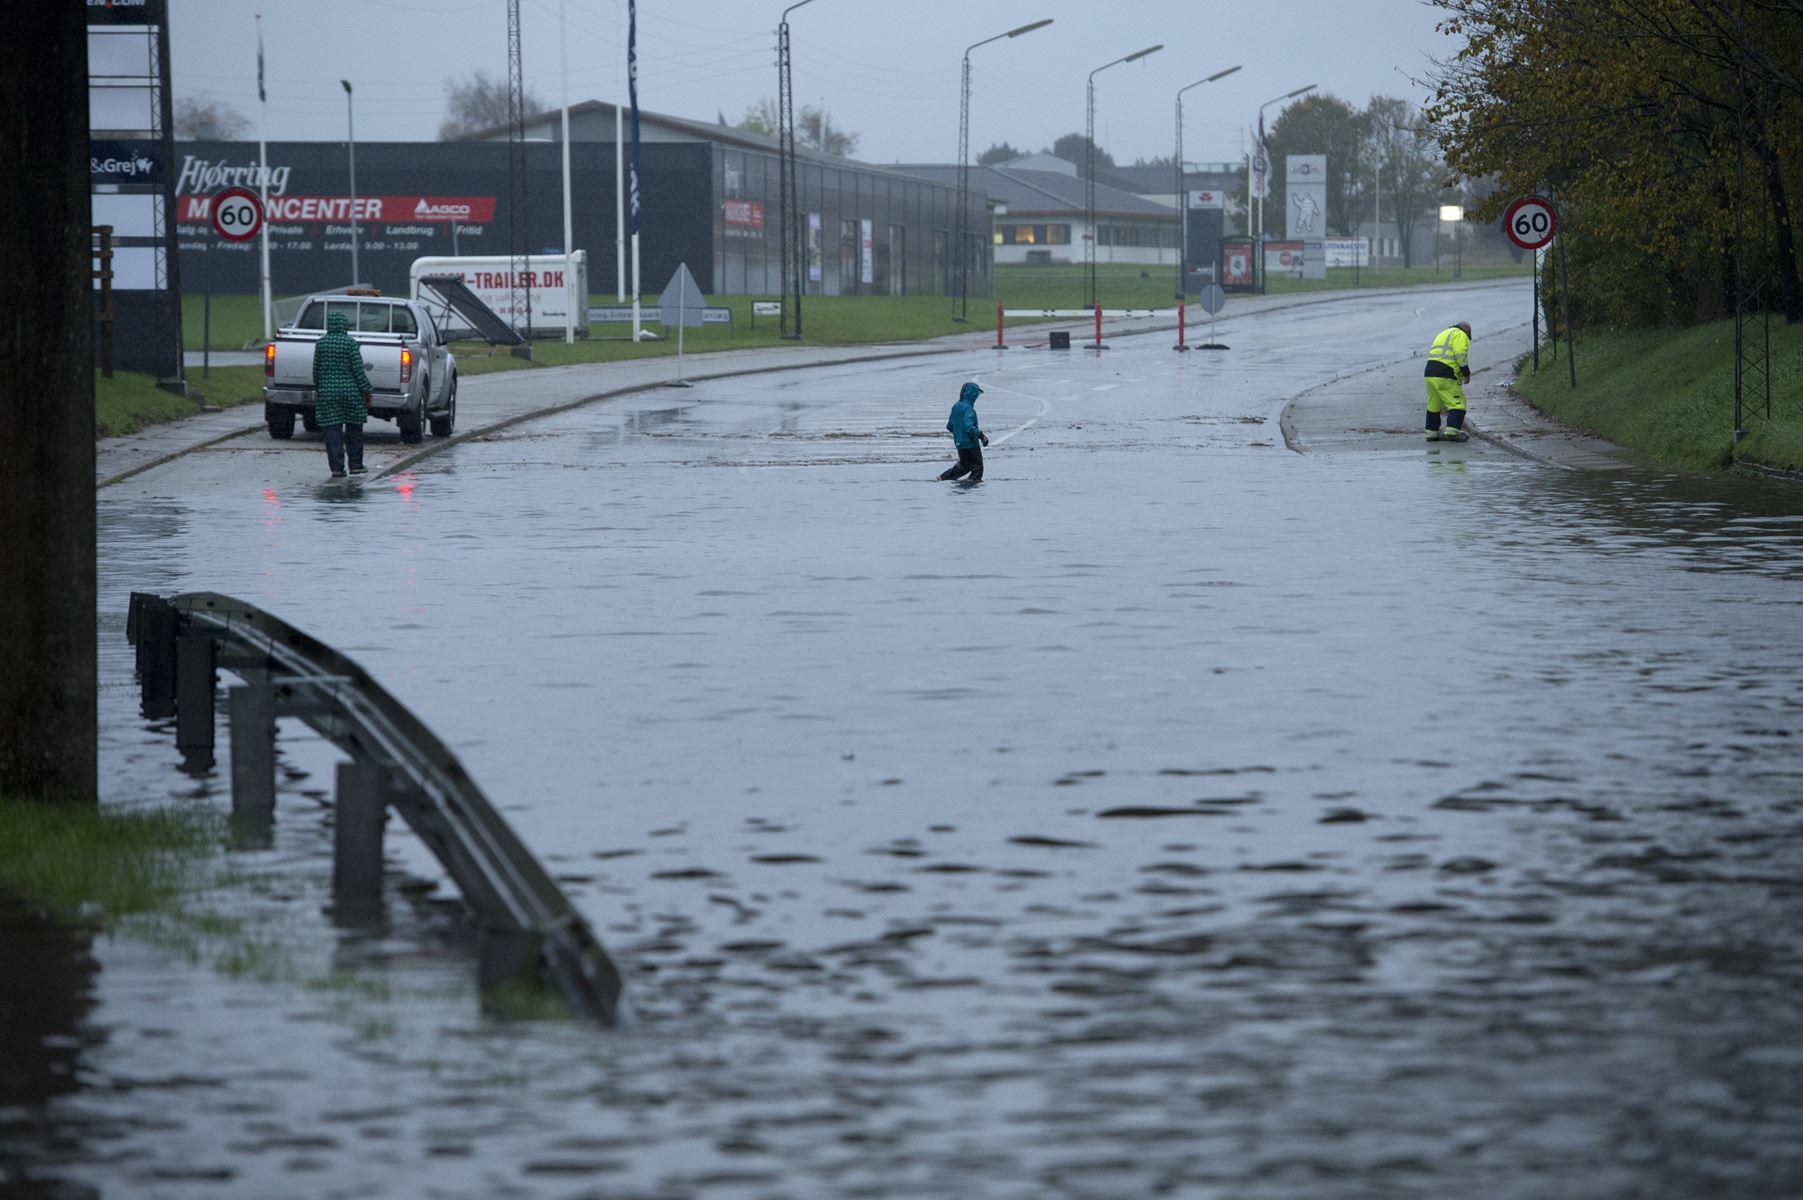 Hva' skal vi gøre med alt det vand, spørger borgere og virksomheder i Hjørring sig selv - de har flere gode ideer til at håndtere stigende regnmængder